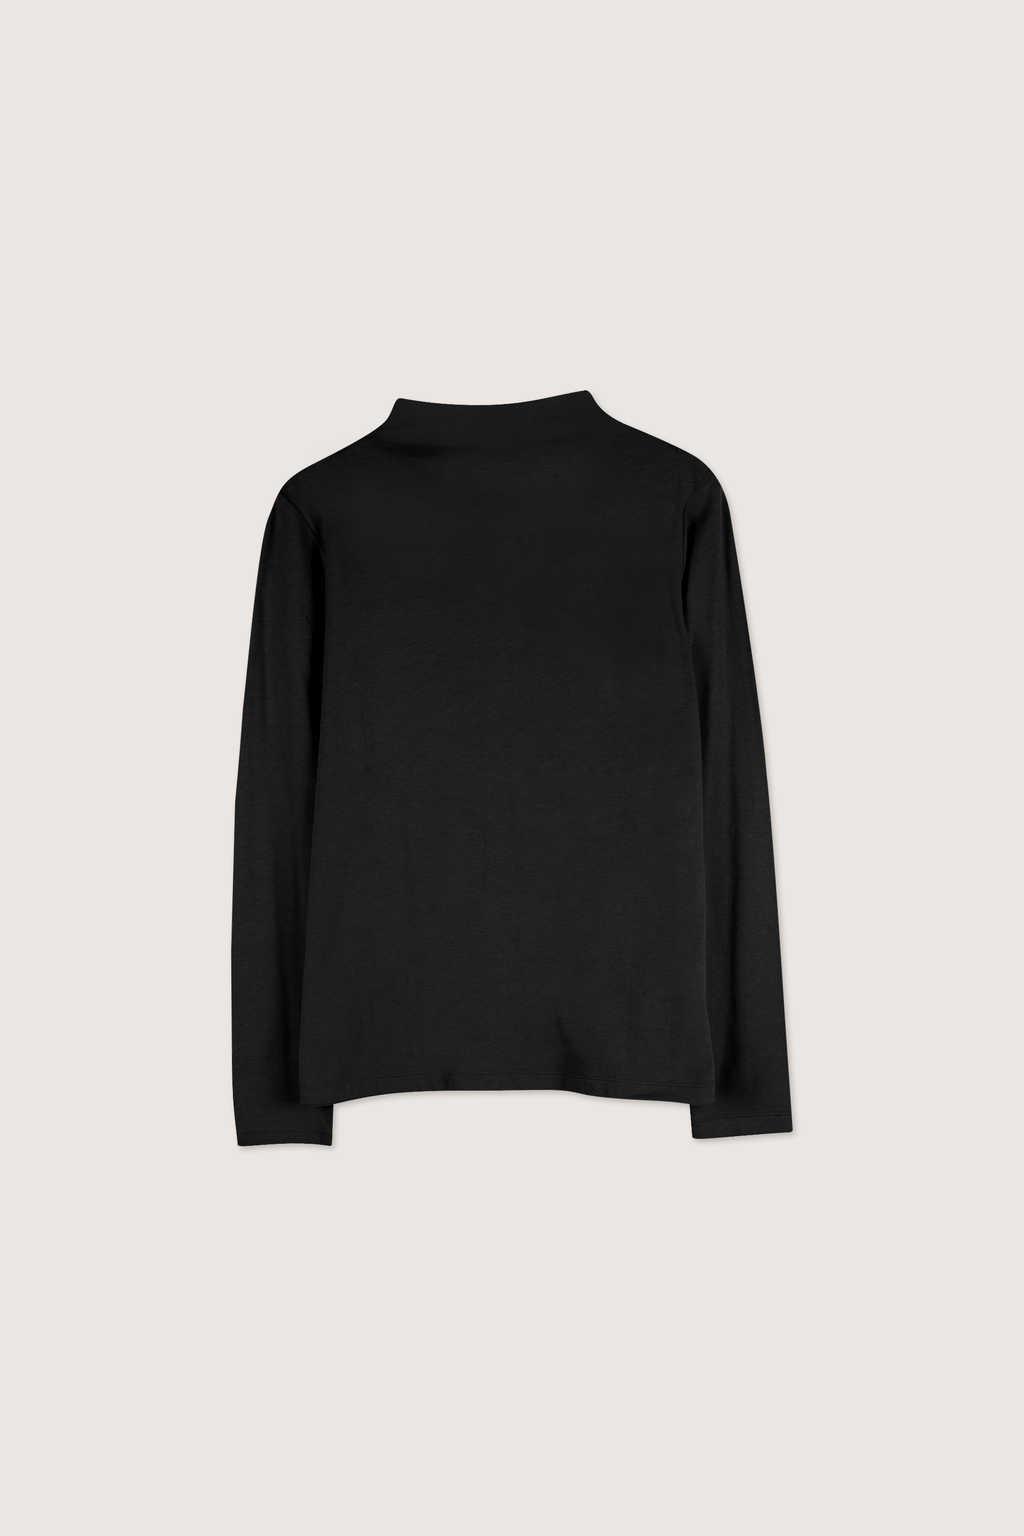 TShirt 1814 Black 11